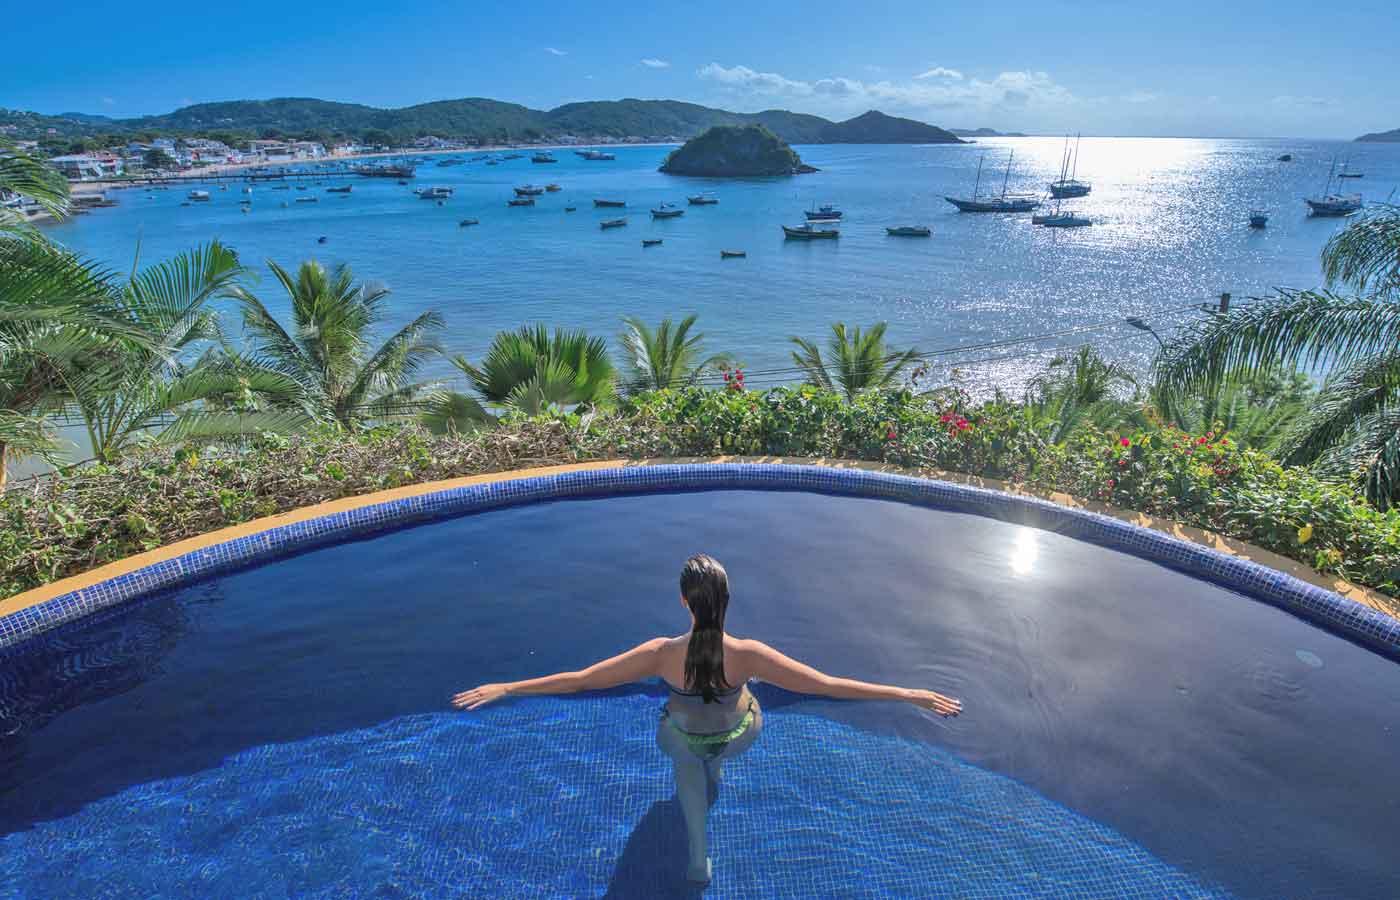 Hotel Vila d'Este - Luxury hotel in Buzios, Brazil